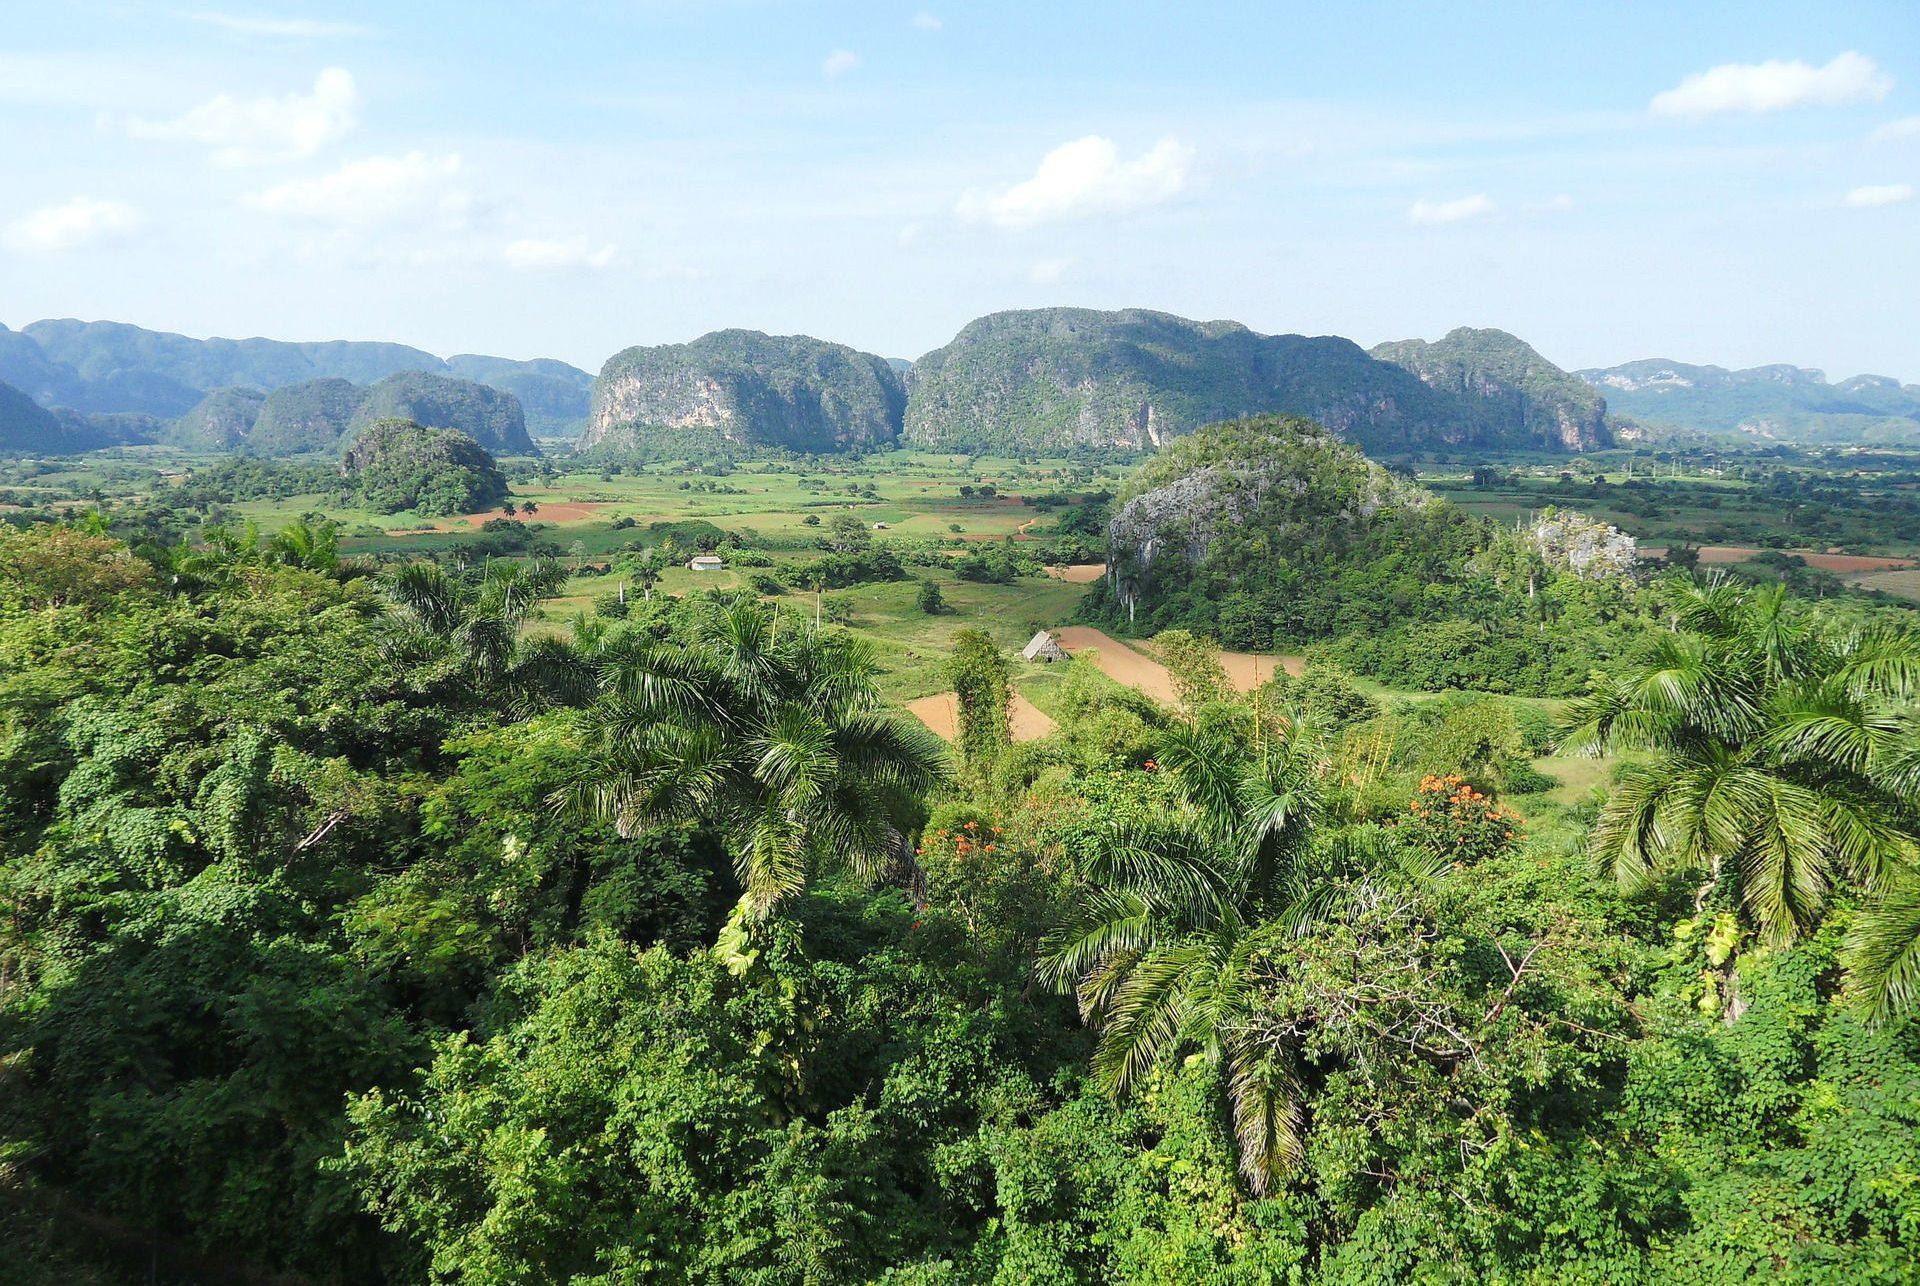 Die verwilderte Landschaft auf Kuba